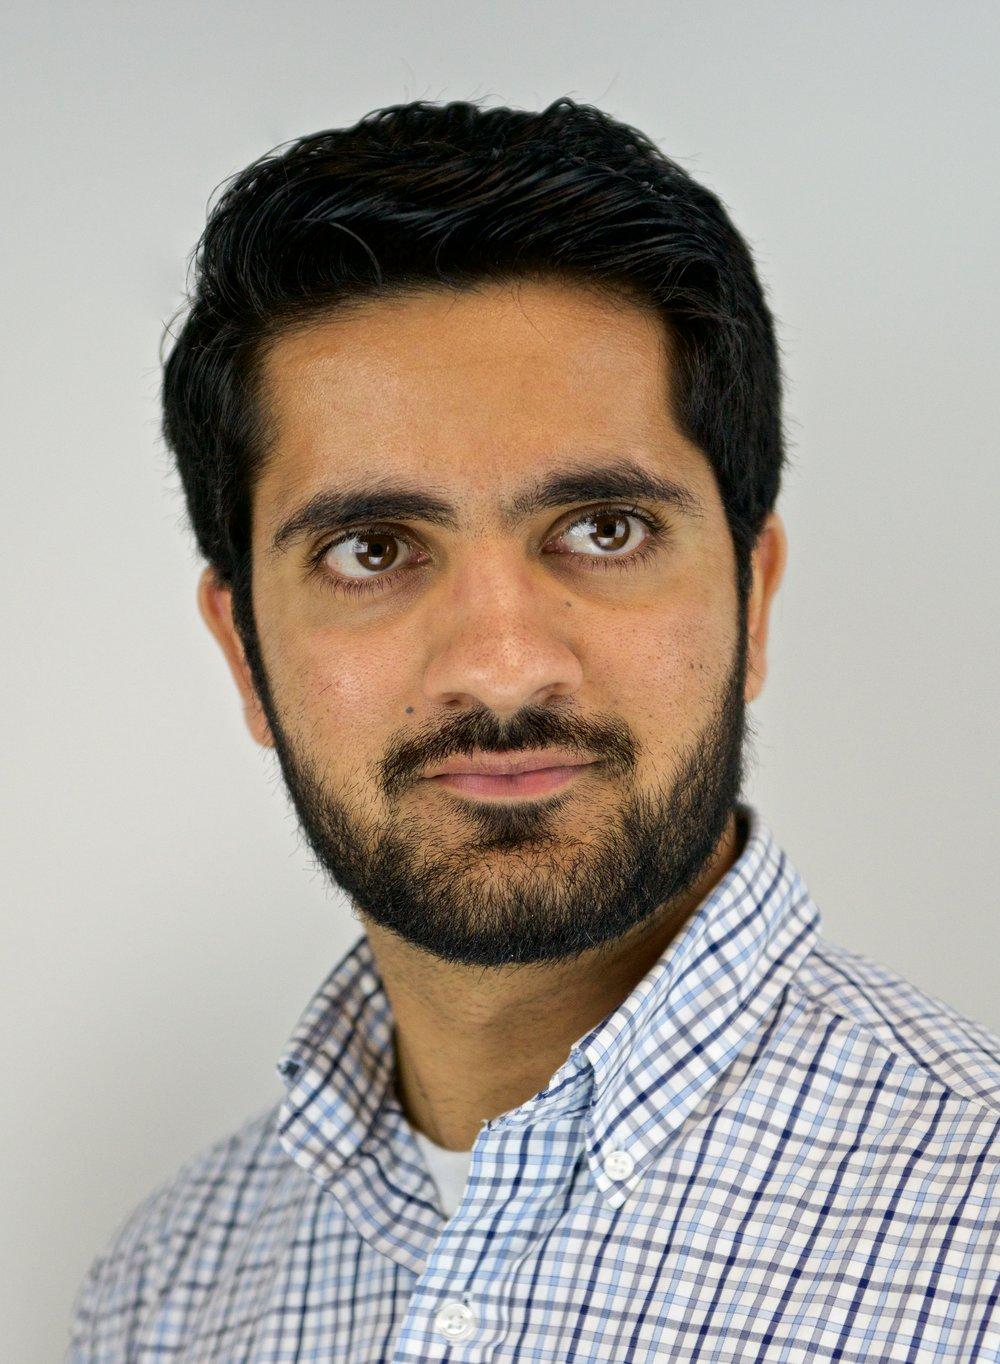 Shikhar Kapur